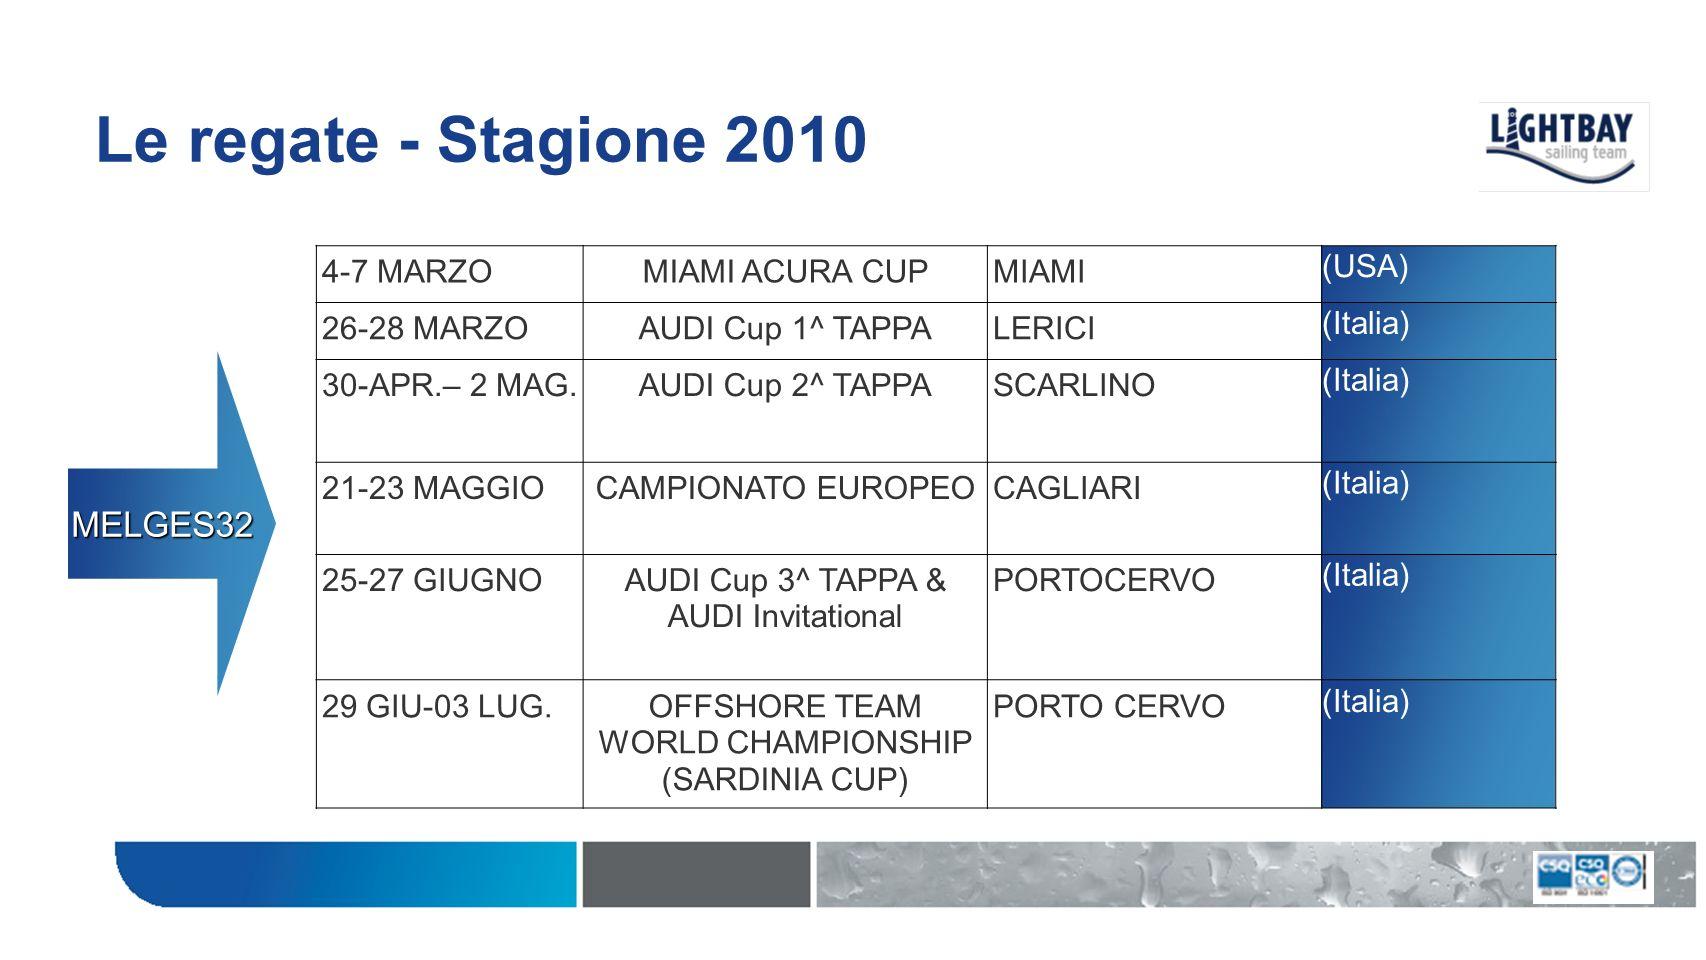 Le regate - Stagione 2010 4-7 MARZOMIAMI ACURA CUPMIAMI (USA) 26-28 MARZOAUDI Cup 1^ TAPPALERICI (Italia) 30-APR.– 2 MAG.AUDI Cup 2^ TAPPASCARLINO (It